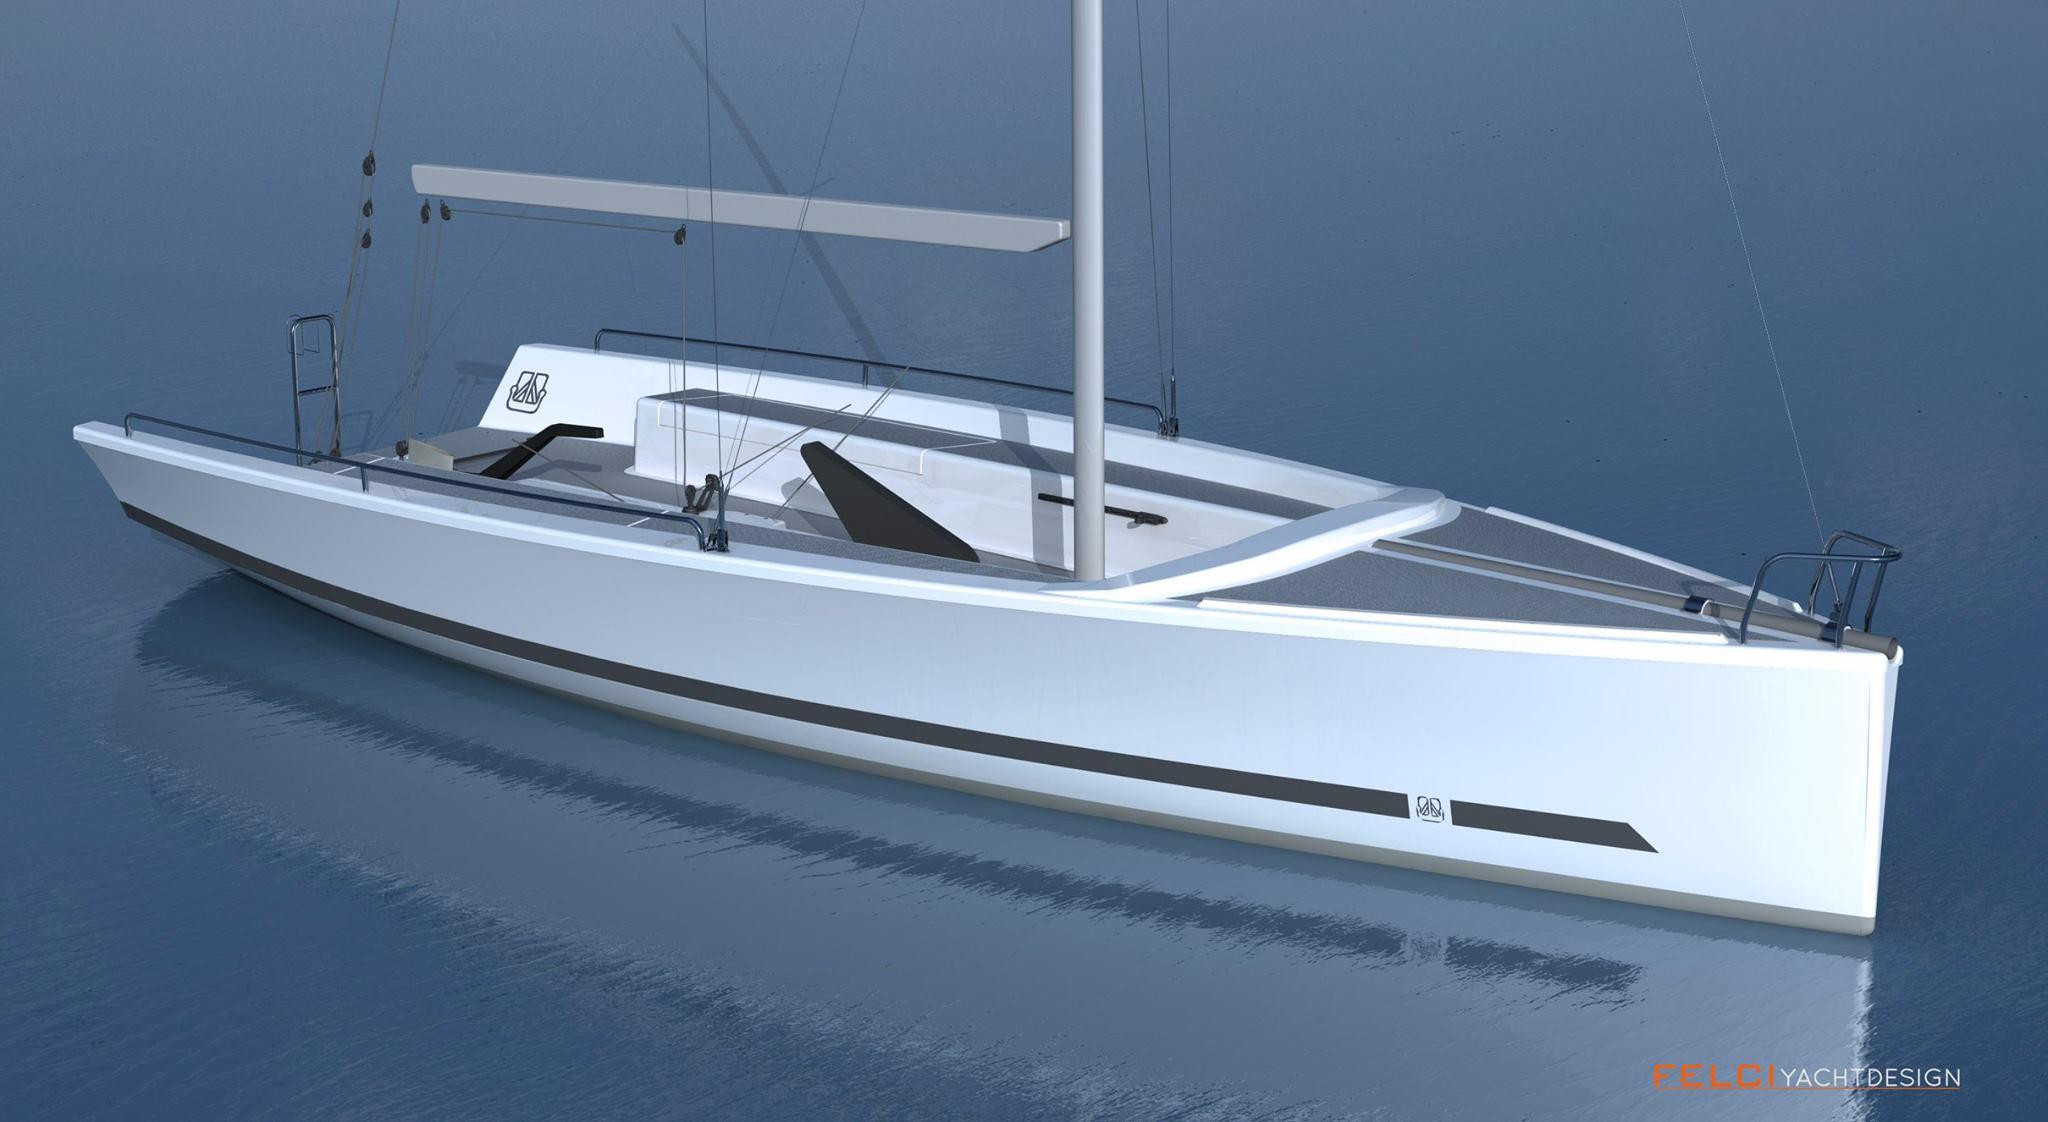 Dufour Yachts Drakkar 24 01